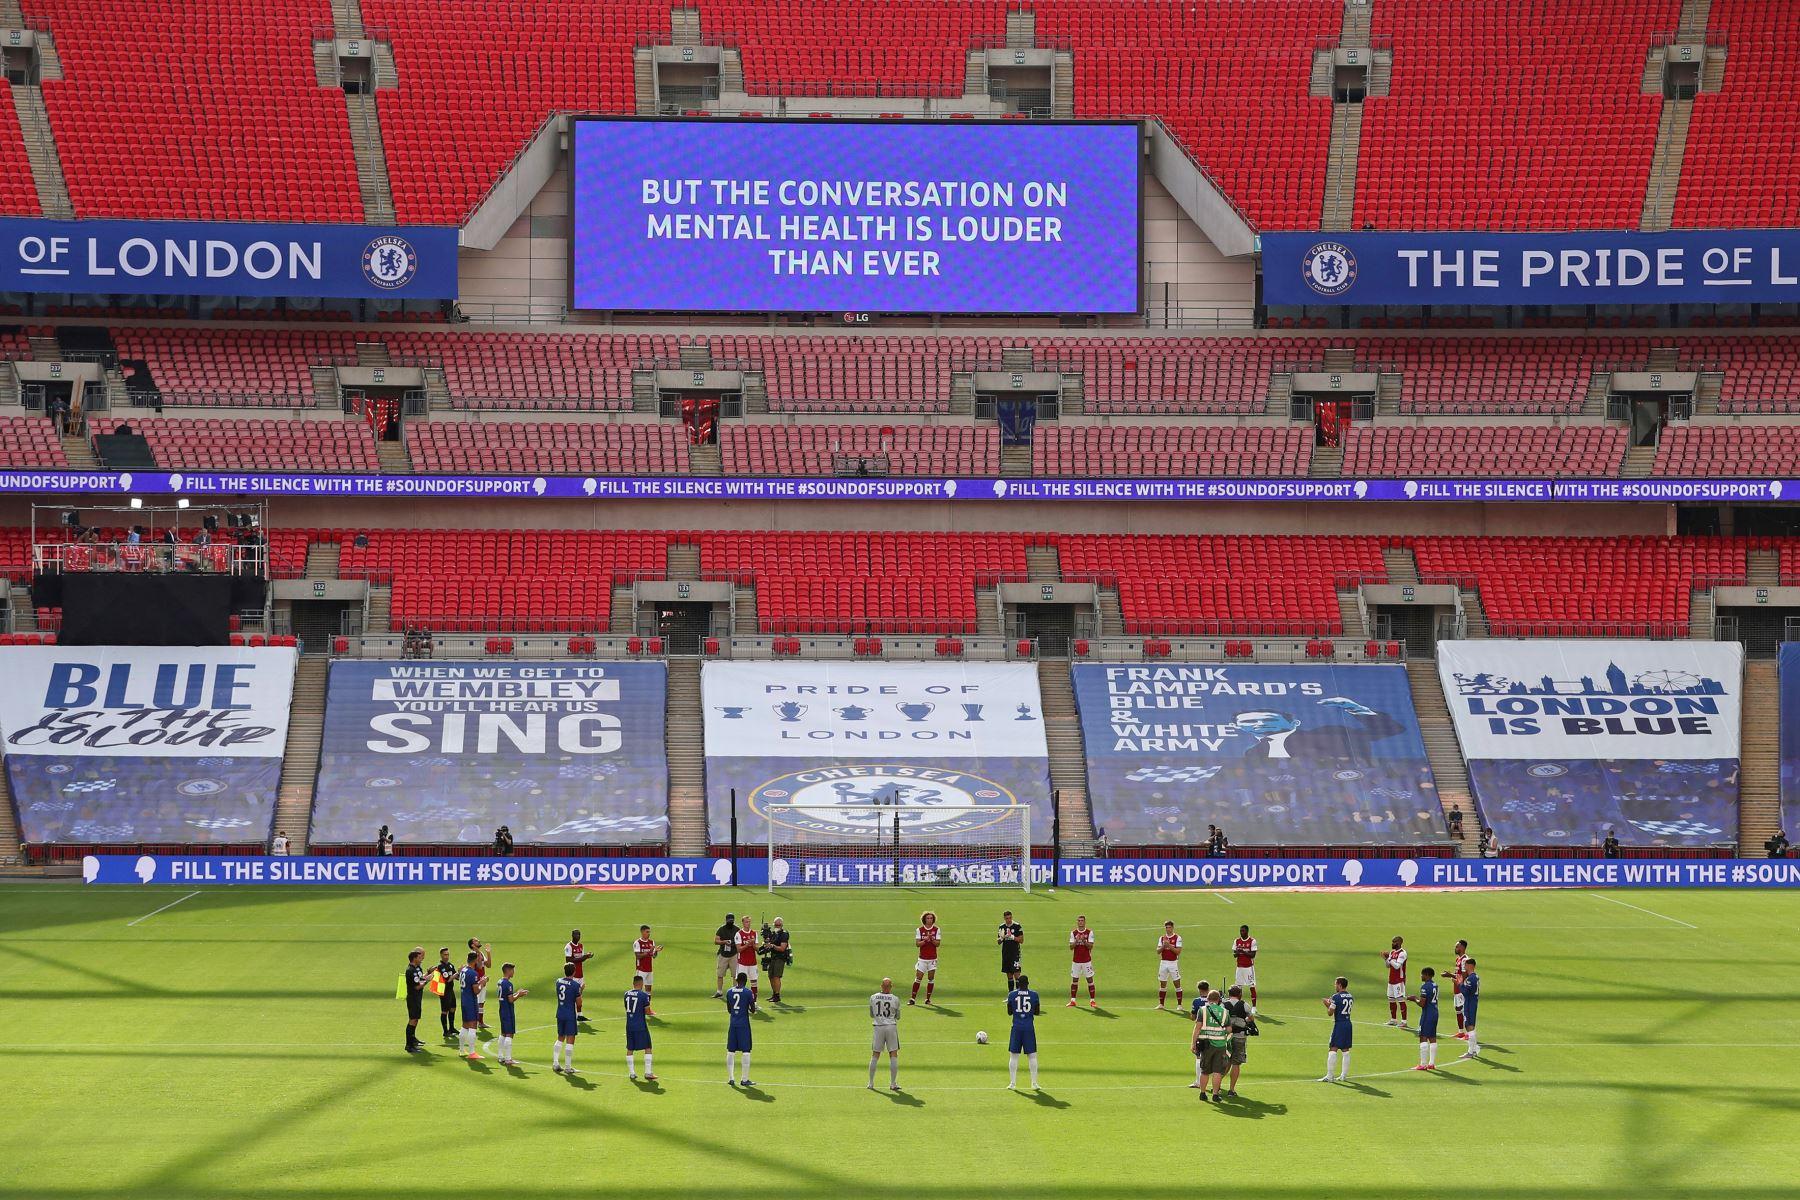 Los jugadores guardan un minuto de silencio antes del partido de fútbol final de la Copa FA inglesa entre el Arsenal y el Chelsea en el estadio de Wembley, en Londres. Foto: AFP